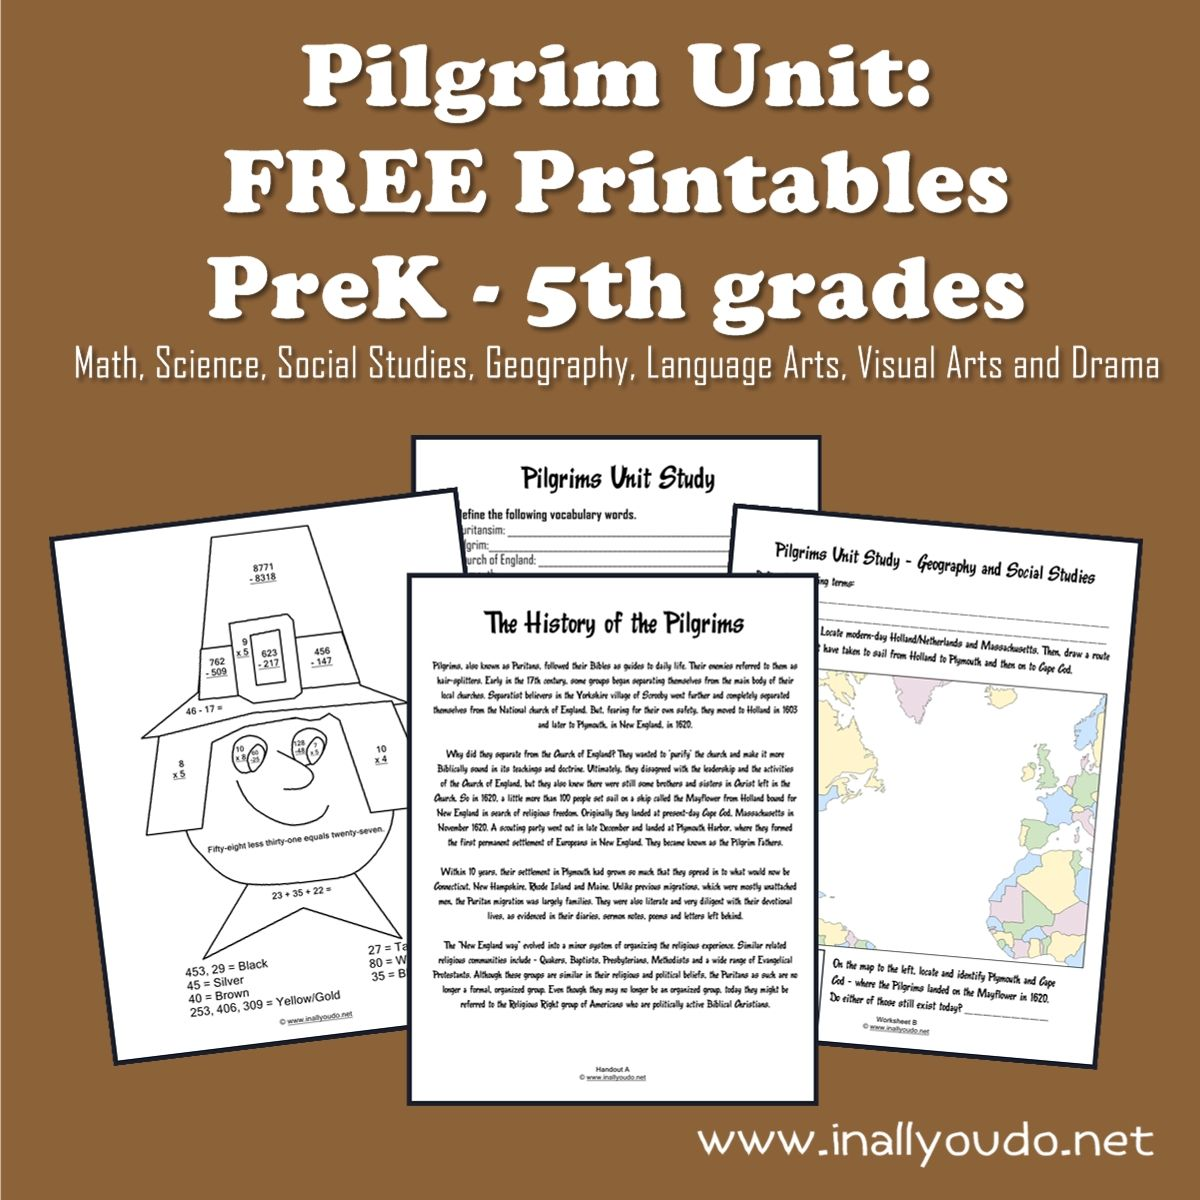 Pilgrim Unit Study